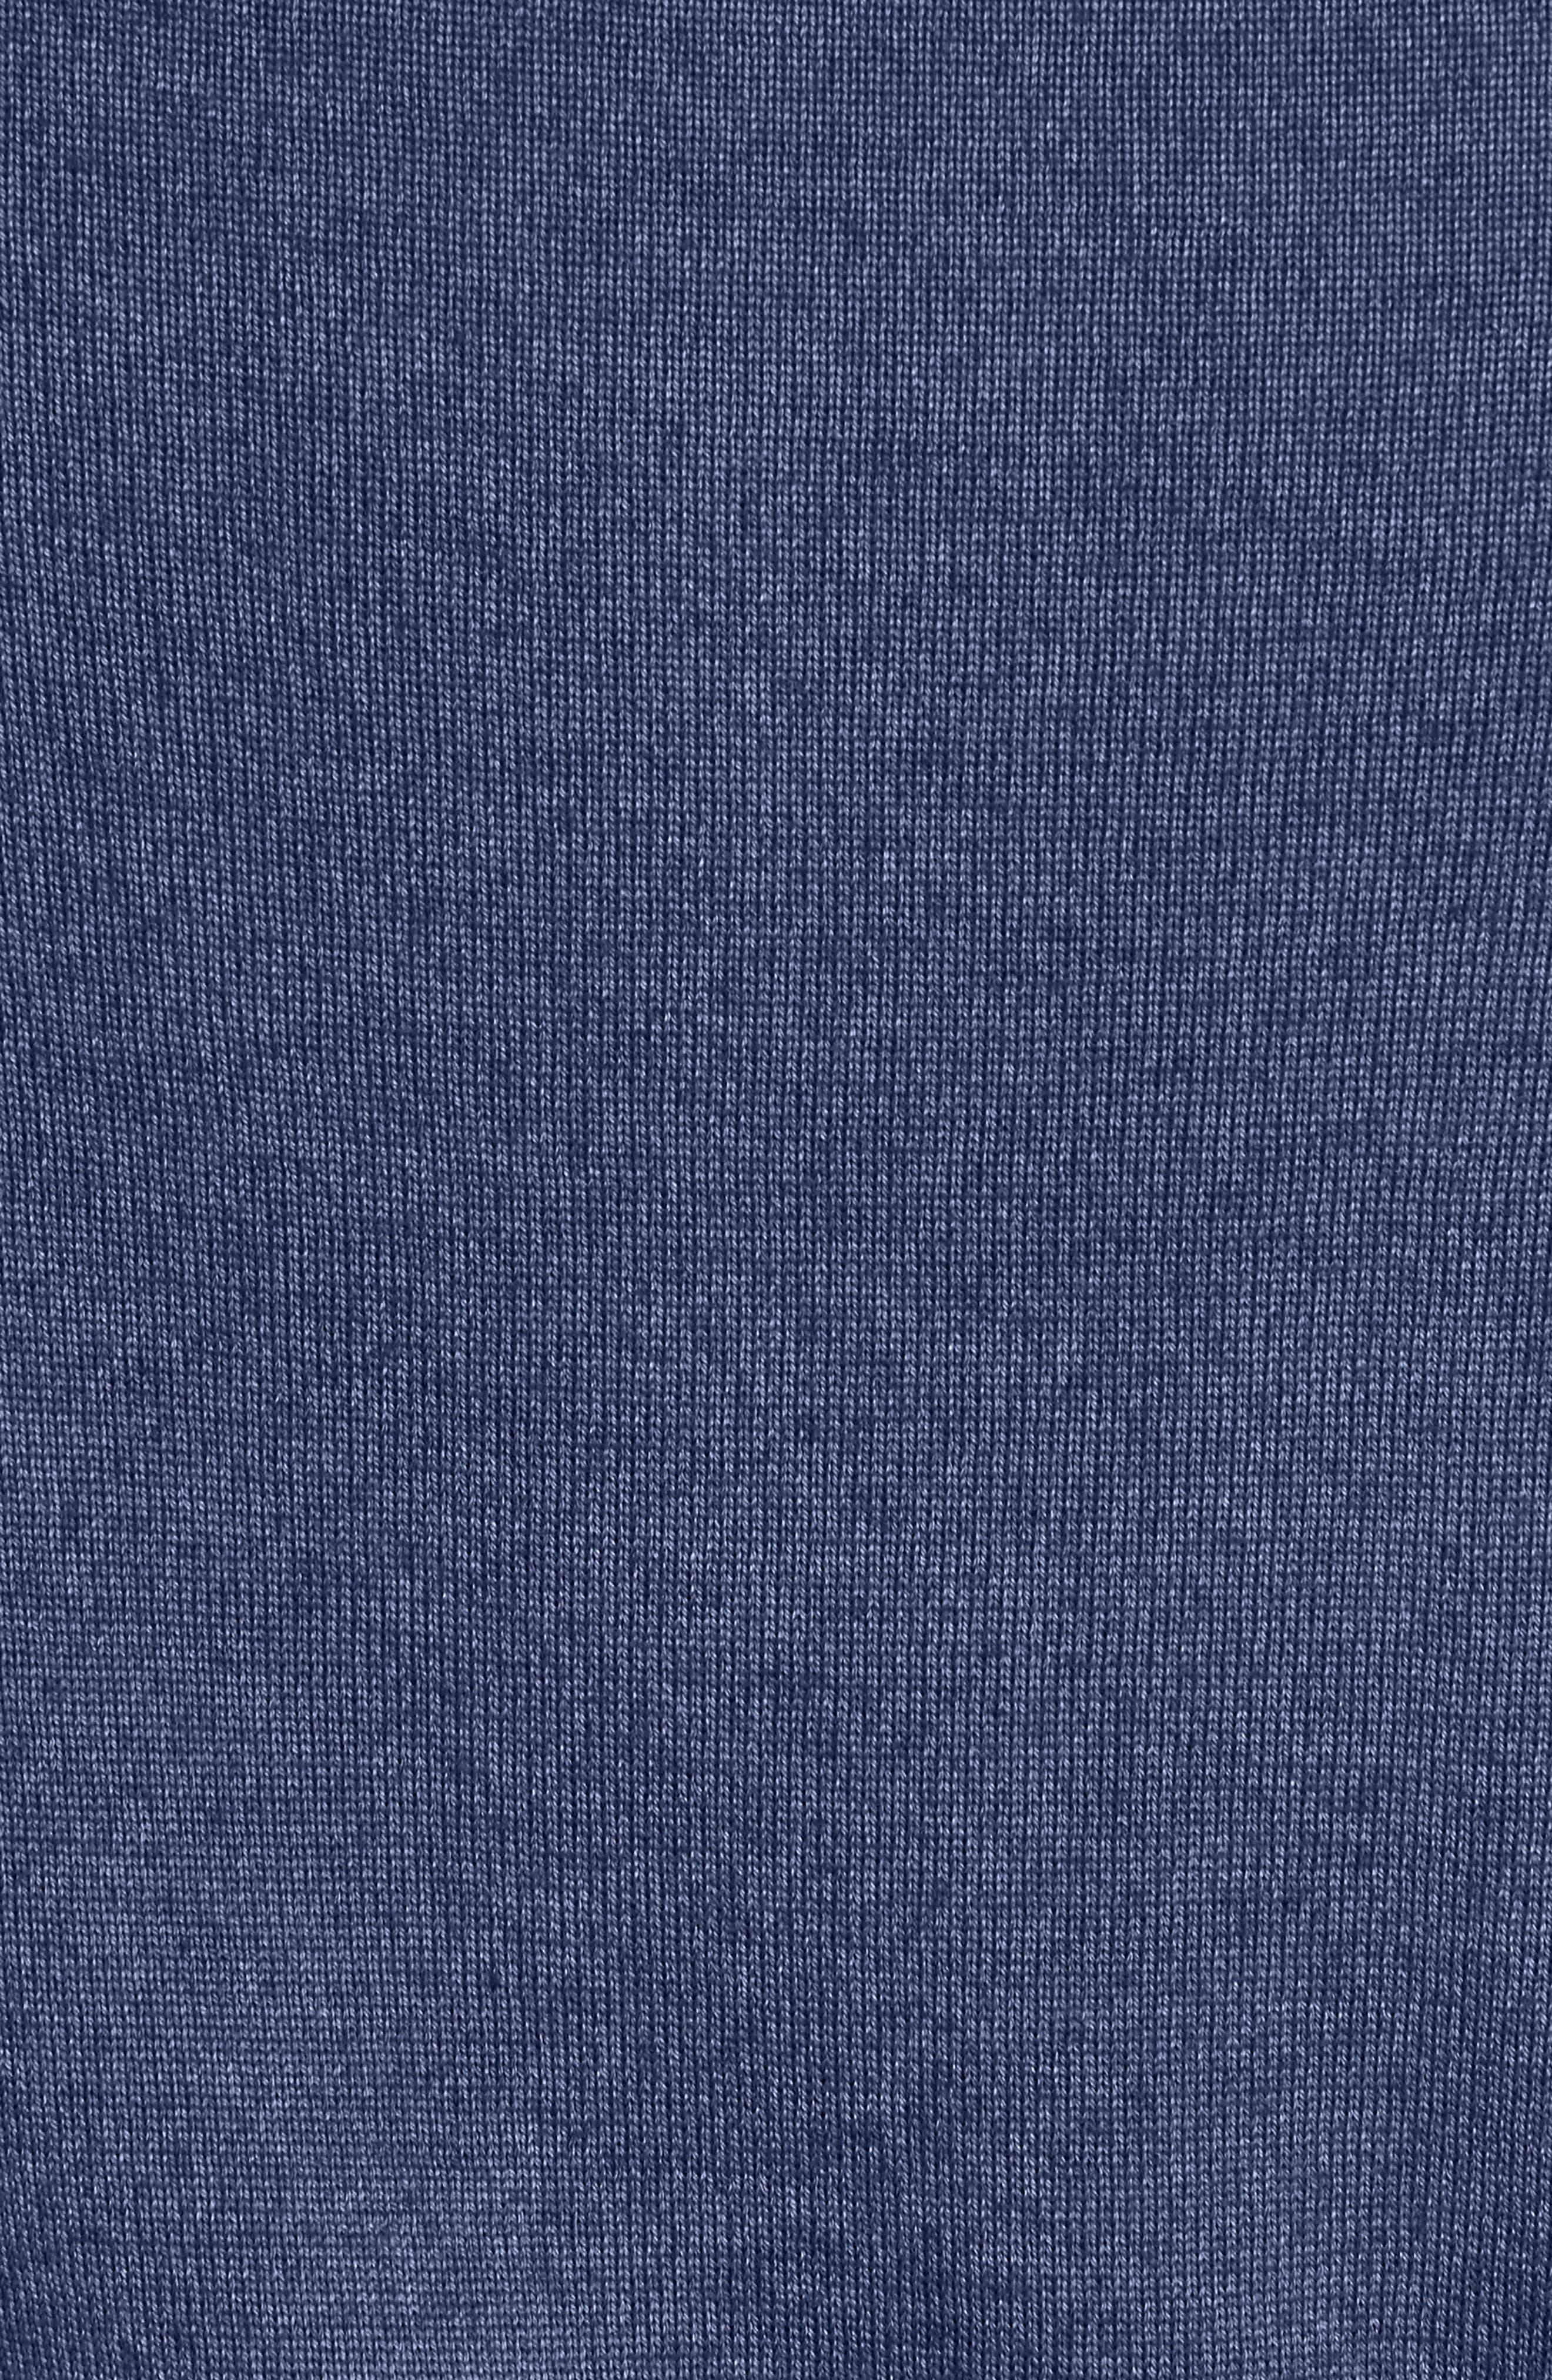 V-Neck Merino Wool Sweater,                             Alternate thumbnail 14, color,